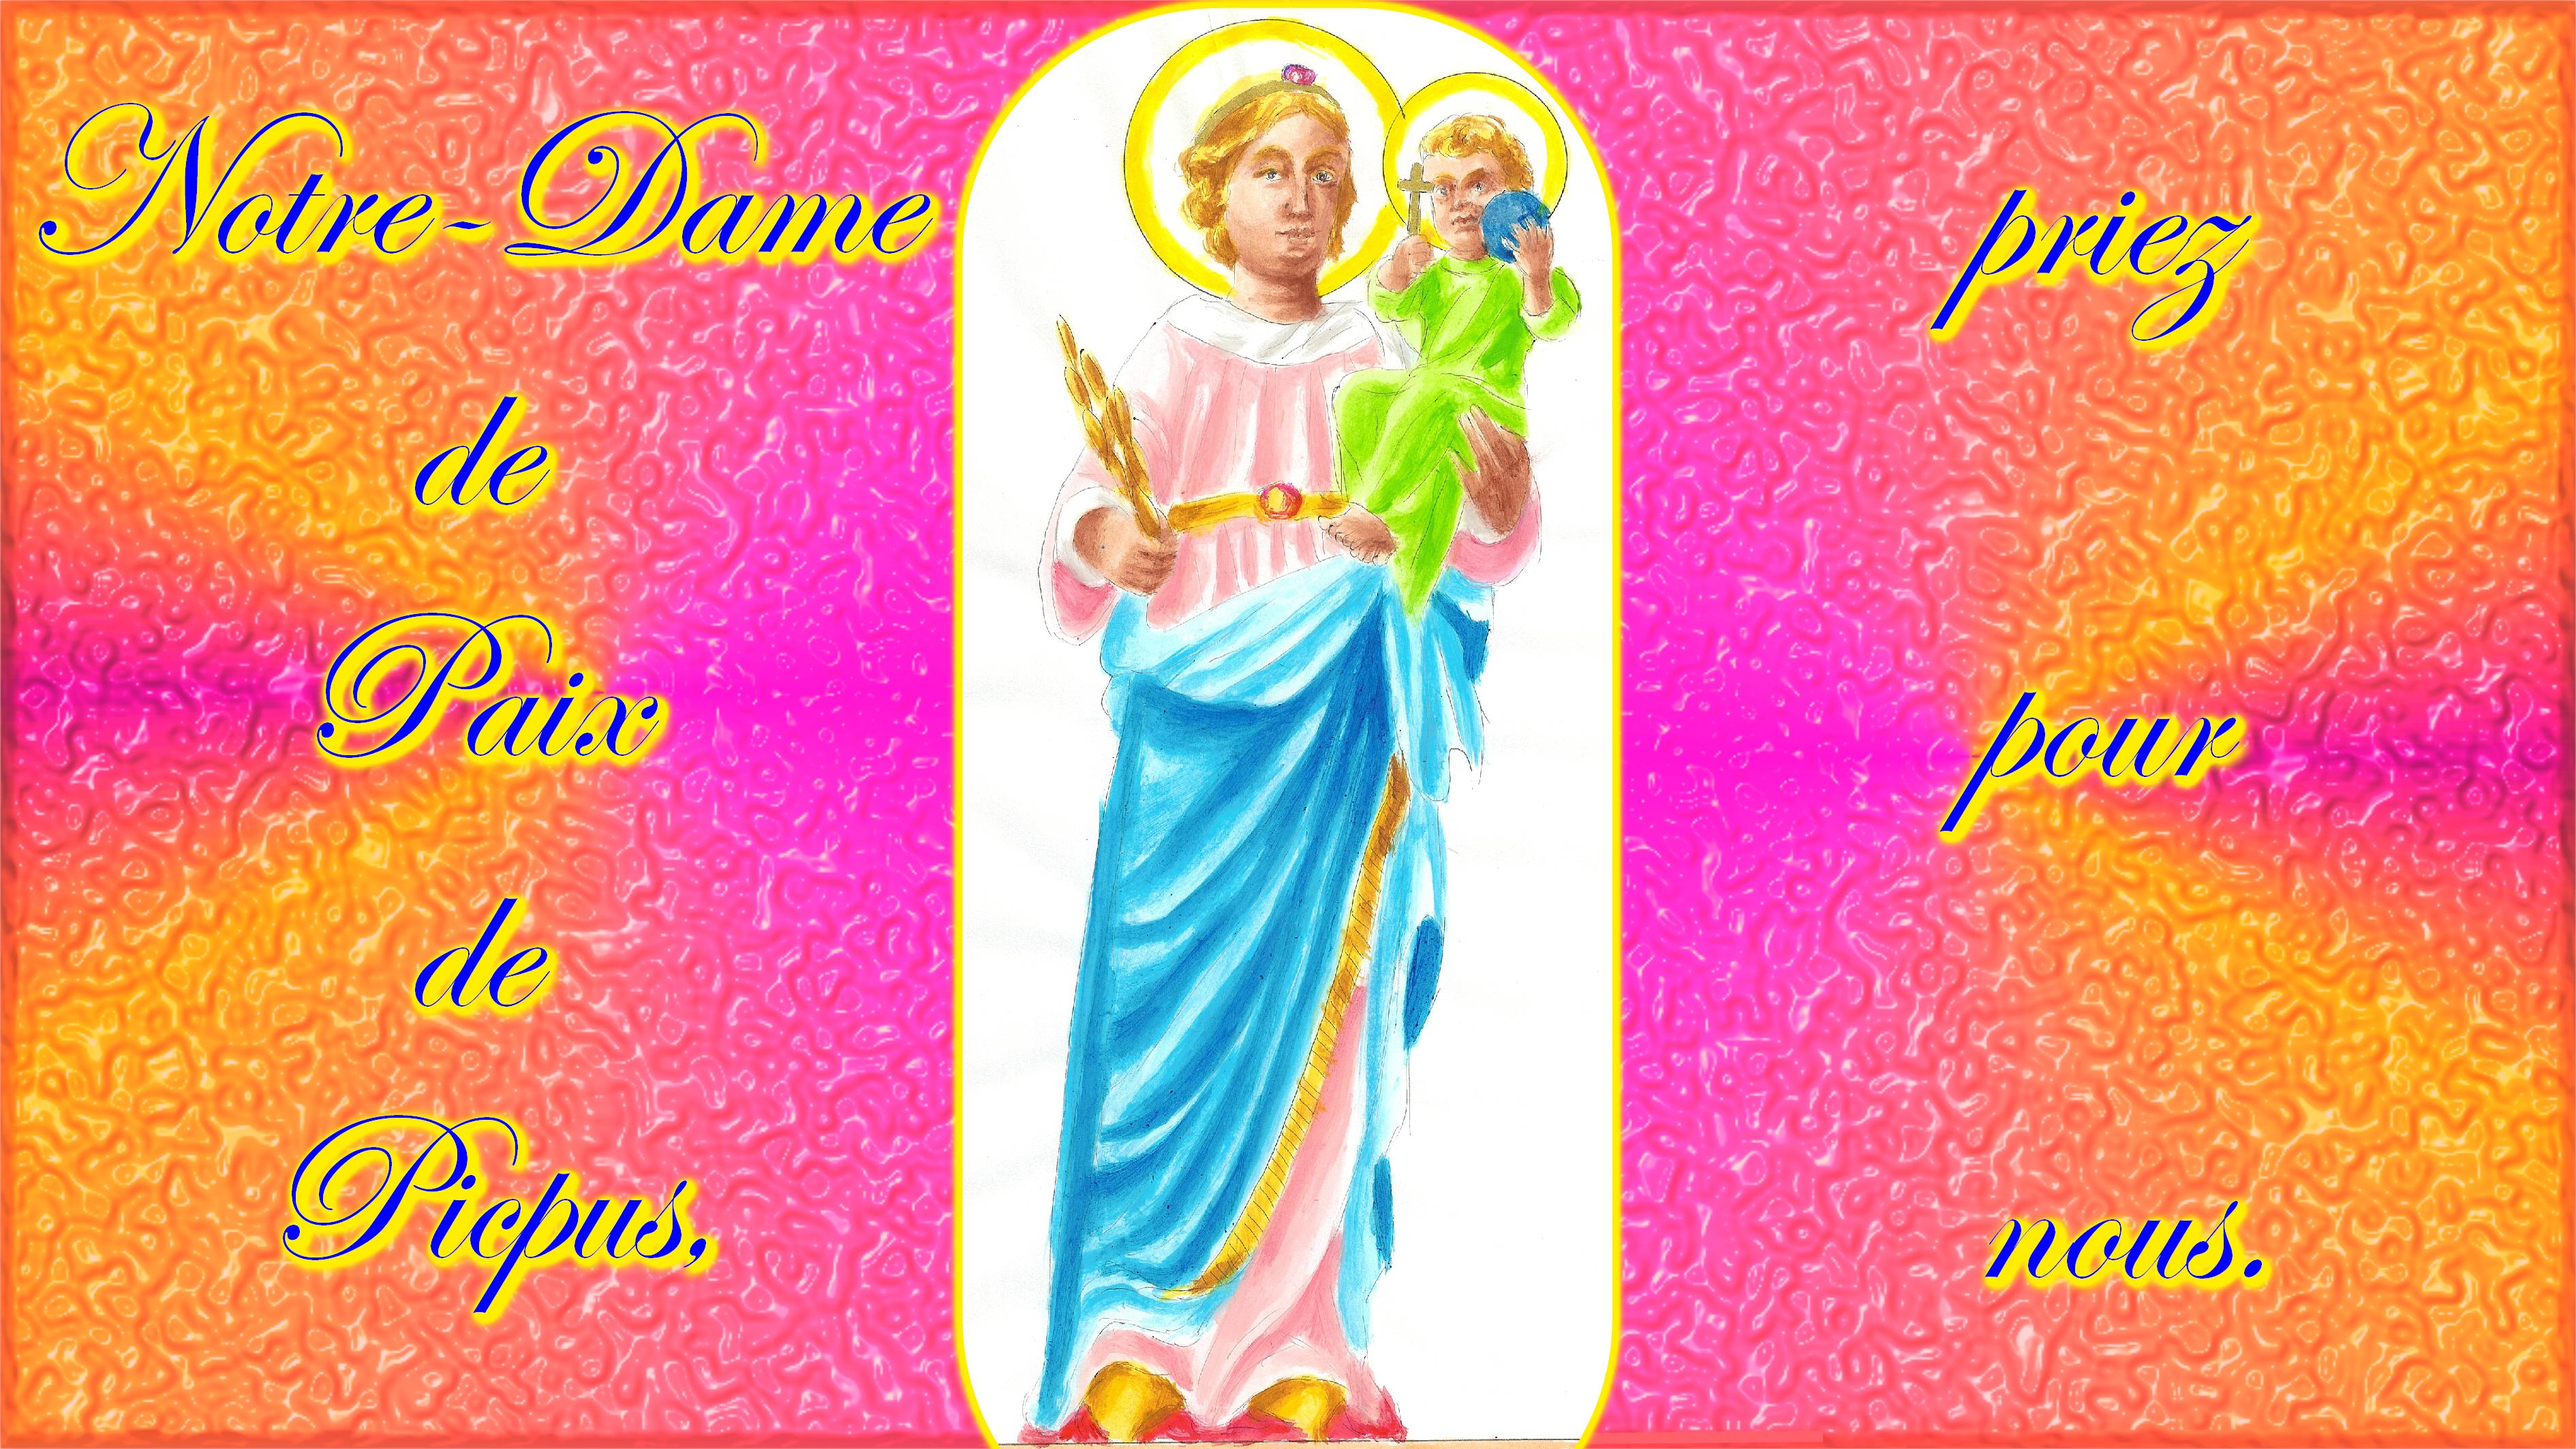 CALENDRIER CATHOLIQUE 2019 (Cantiques, Prières & Images) - Page 2 Notre-dame-de-paix-de-picpus-565bd29